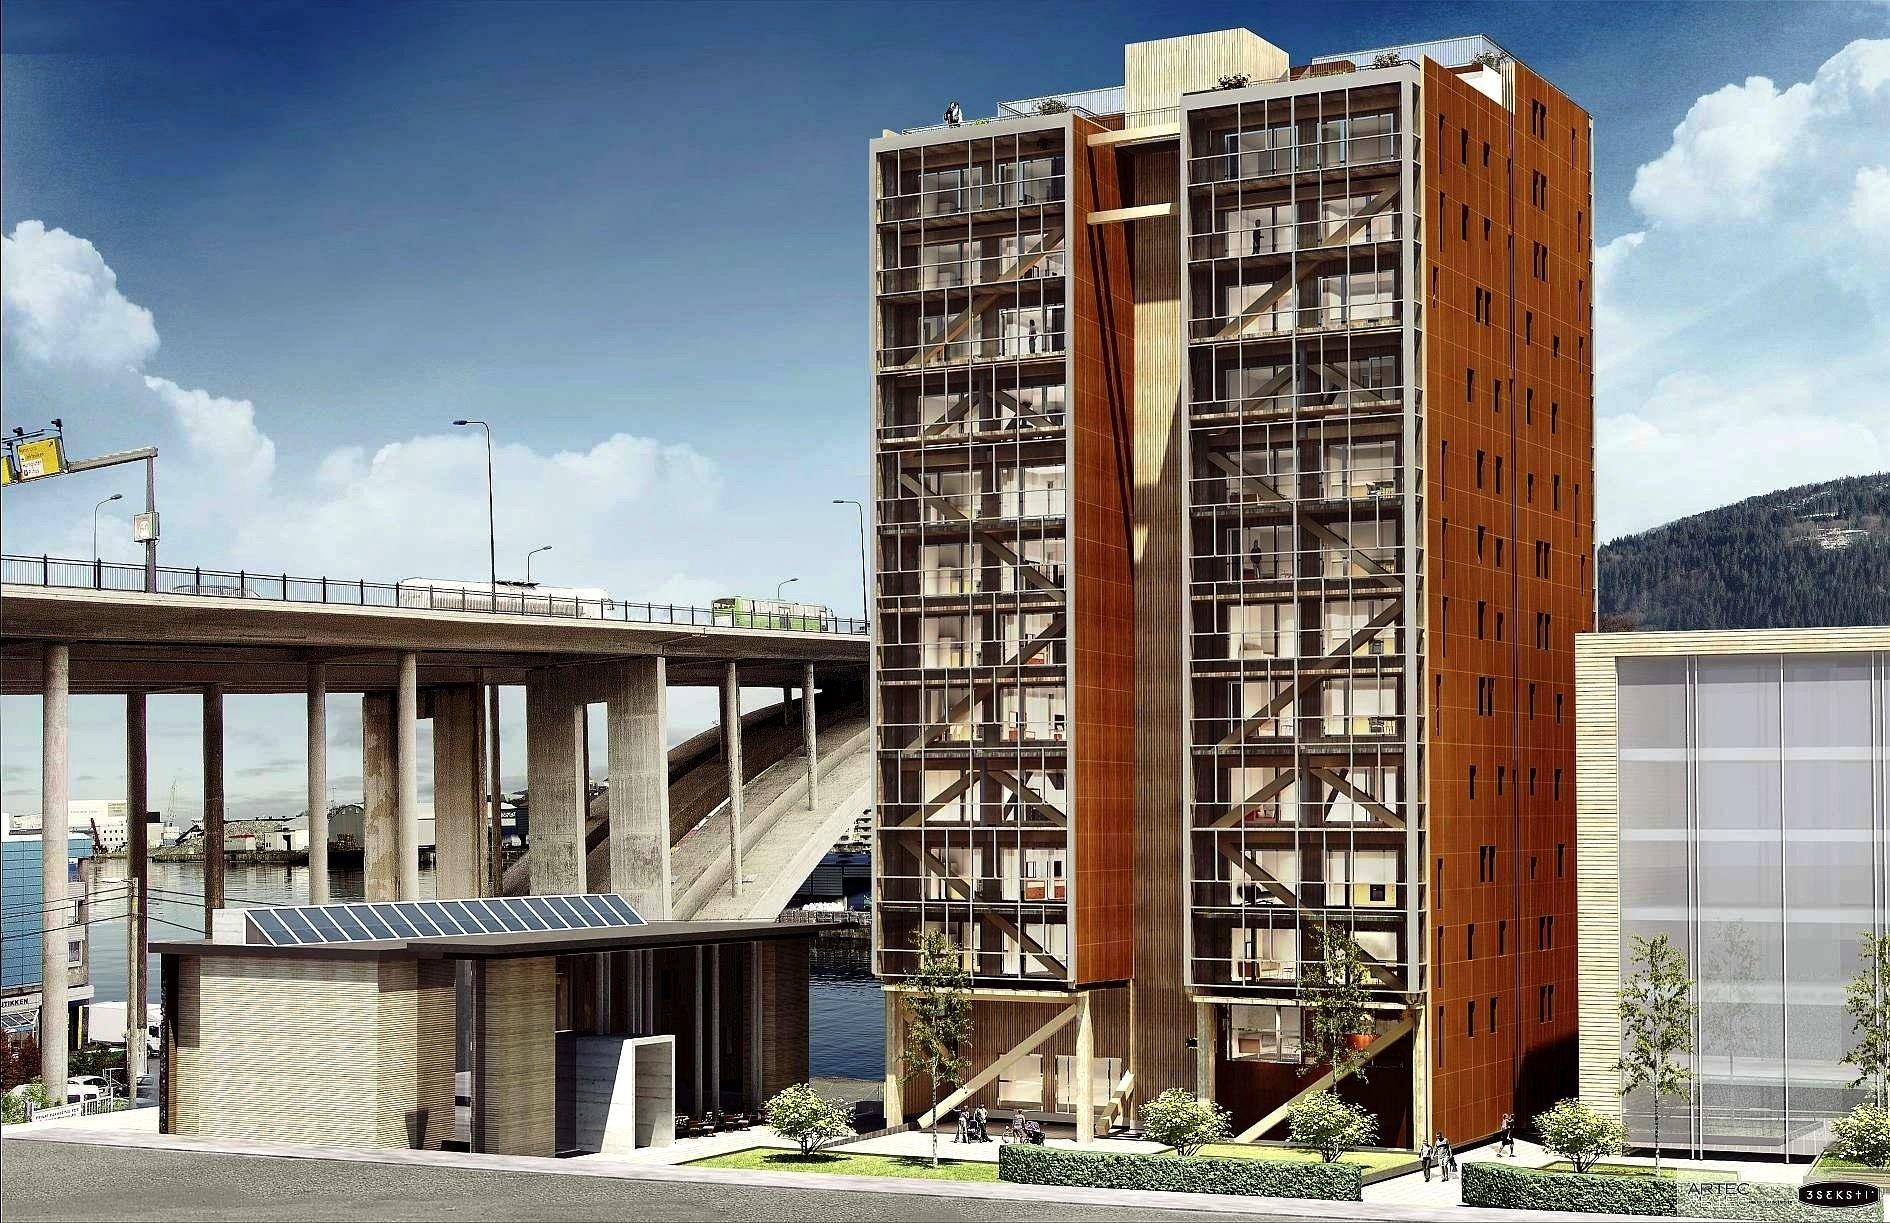 Modell des norwegischen Holzhochhauses Treet in Bergen: Das Haus soll im Herbst bezugsfertig sein und bietet auf 14 Etagen Raum für 62 Wohnungen.